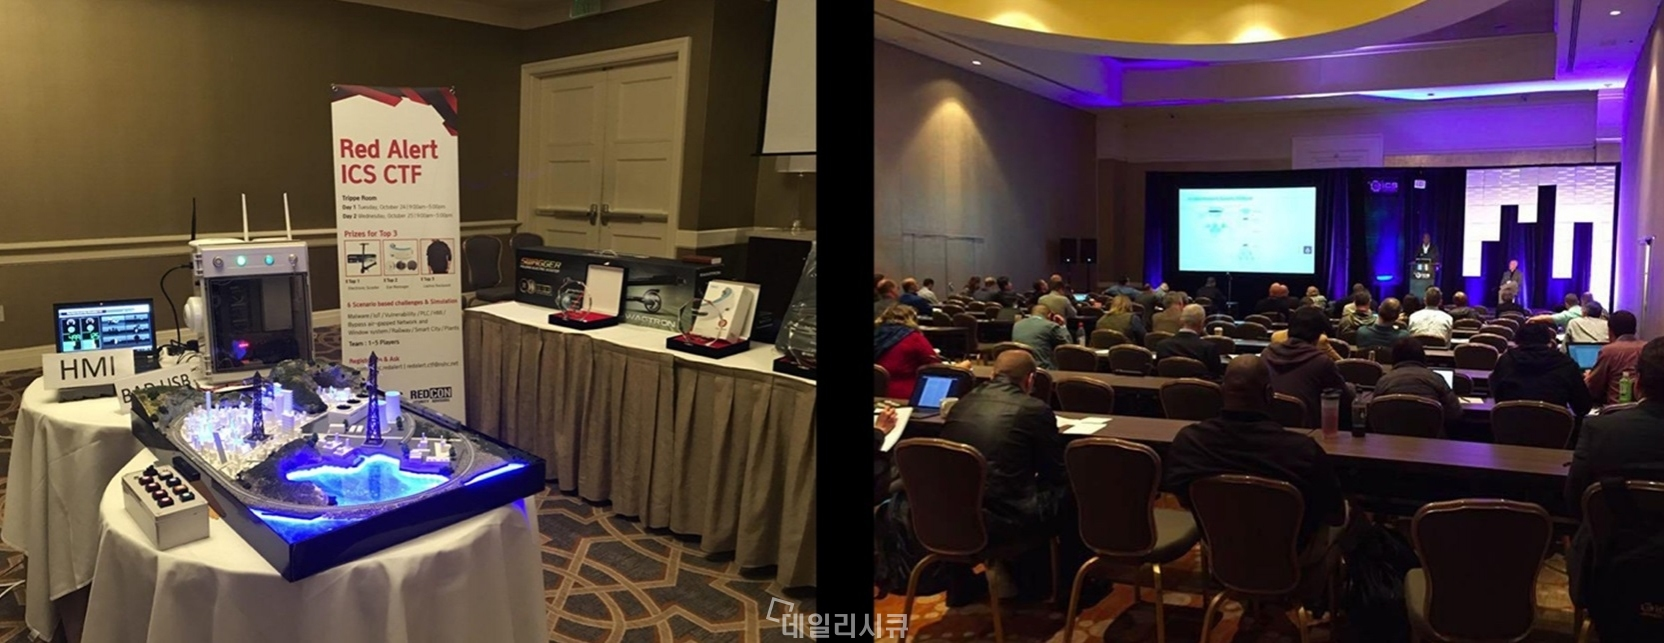 ▲ 사진 좌측 레드알럿팀이 운영하는 국제 기반시설 해킹 대회. 우측 국제기반시설 보안 컨퍼런스 현장.